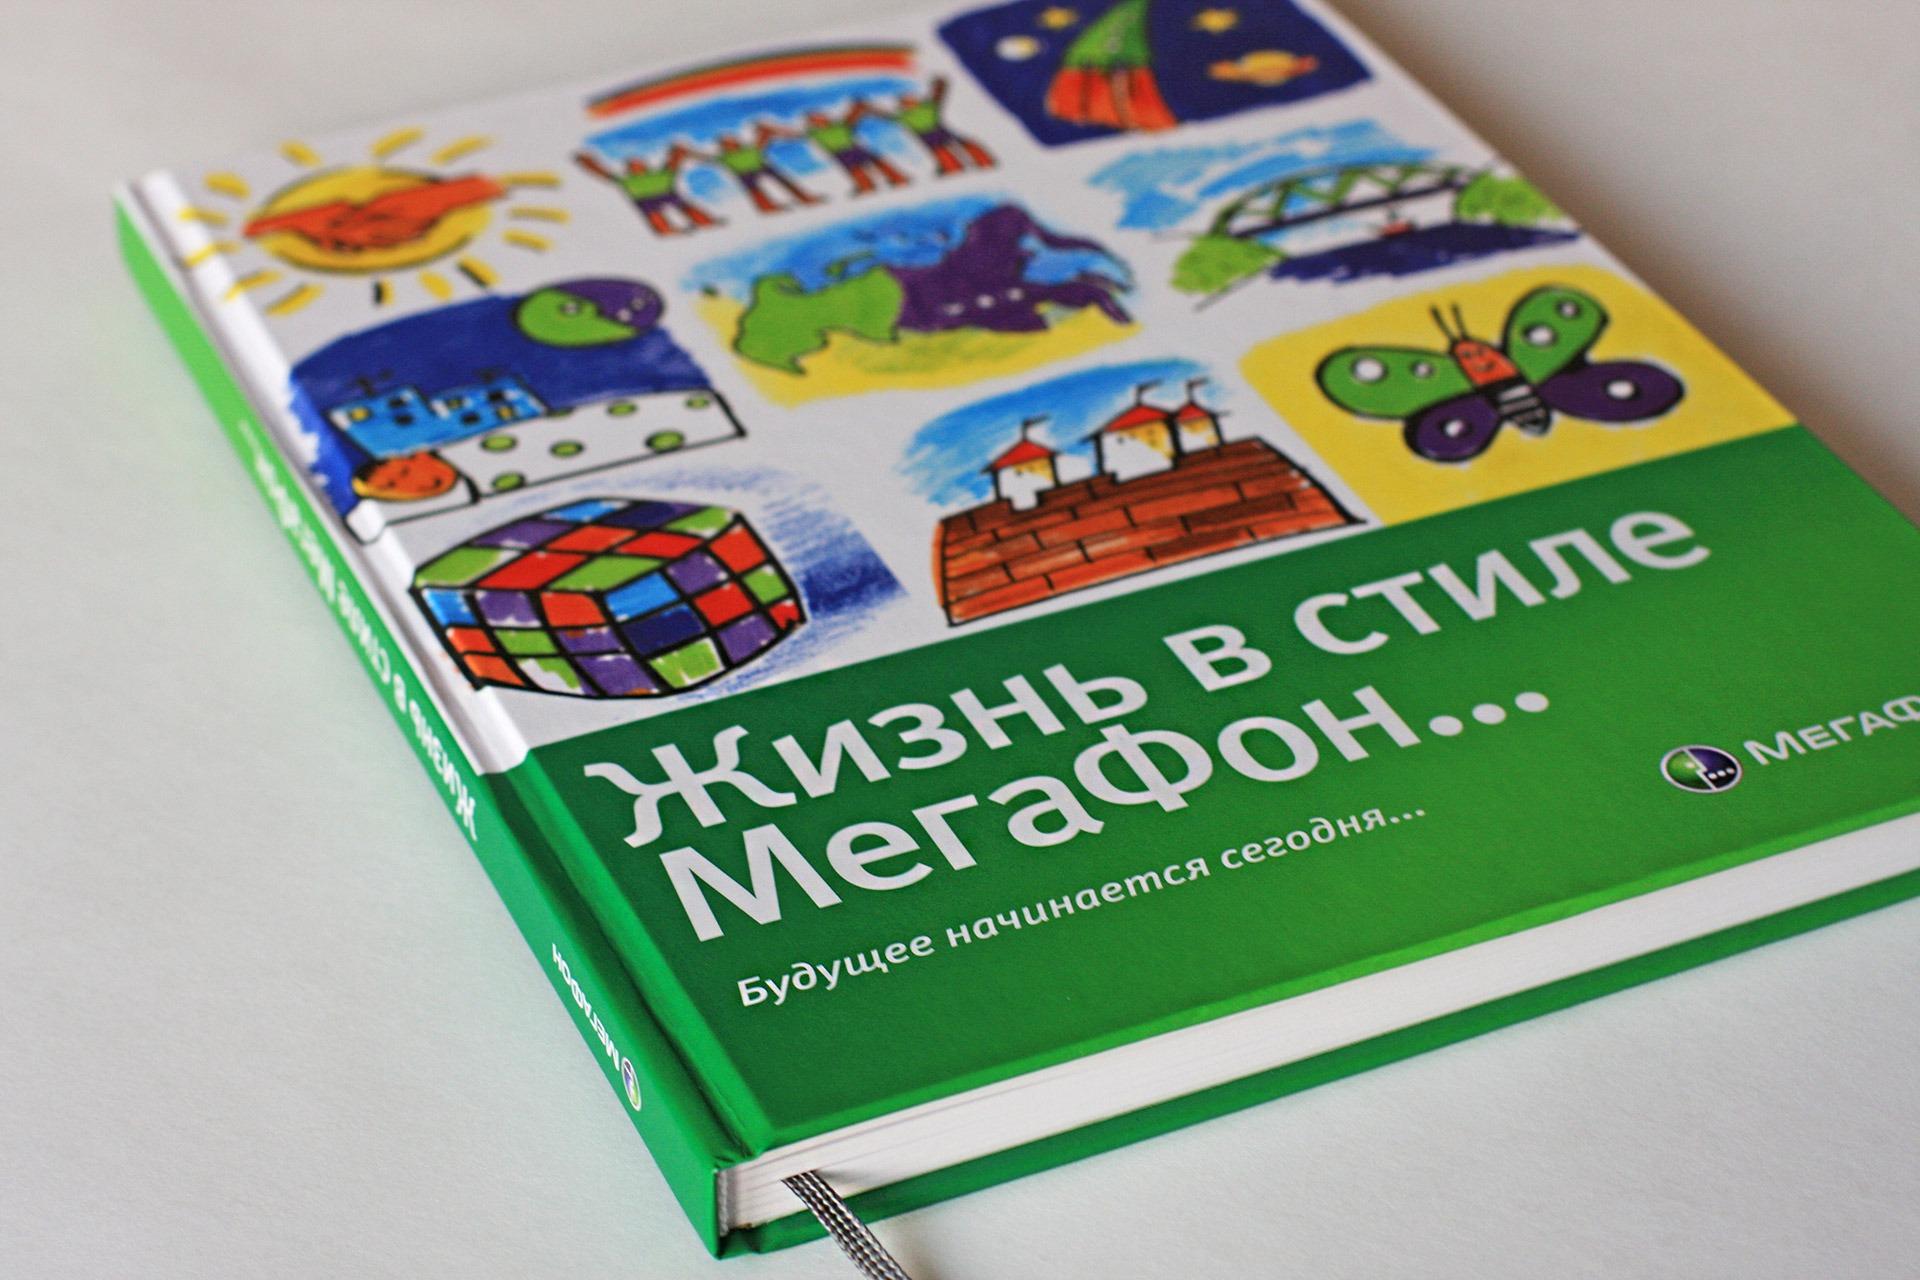 Мегафон, Megafon, дизайн изданий, book design, Asgard